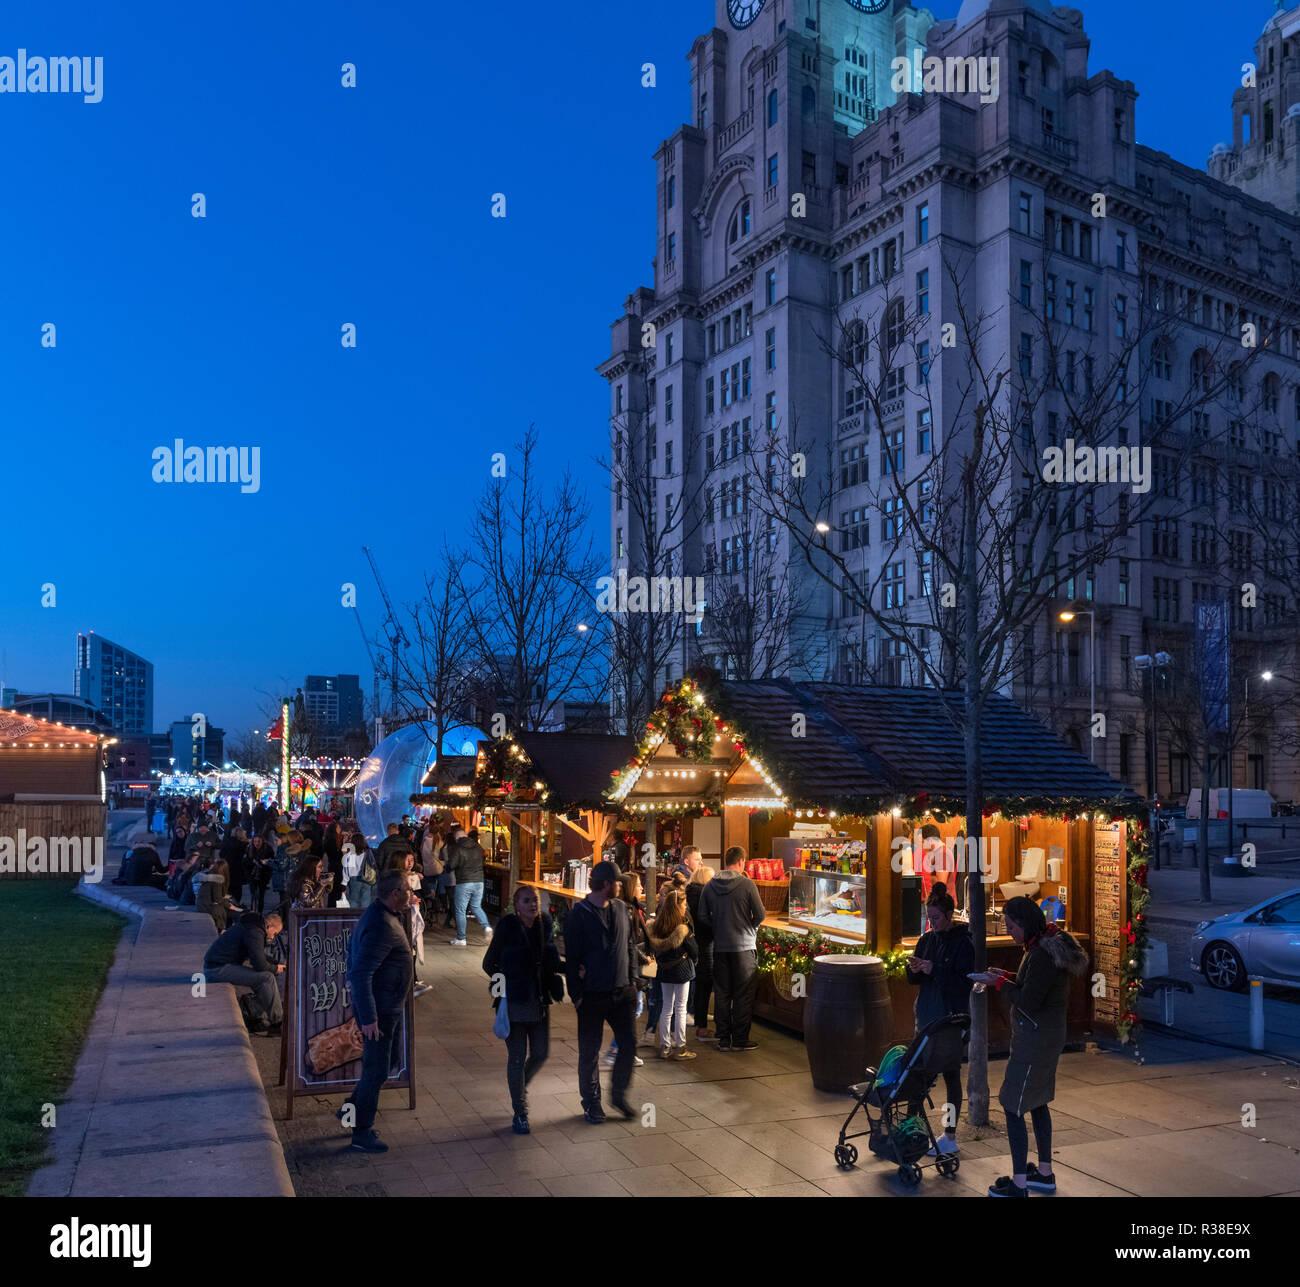 Stände Weihnachtsmarkt.Weihnachtsmarkt Stände Auf Dem Weihnachtsmarkt Ice Festival